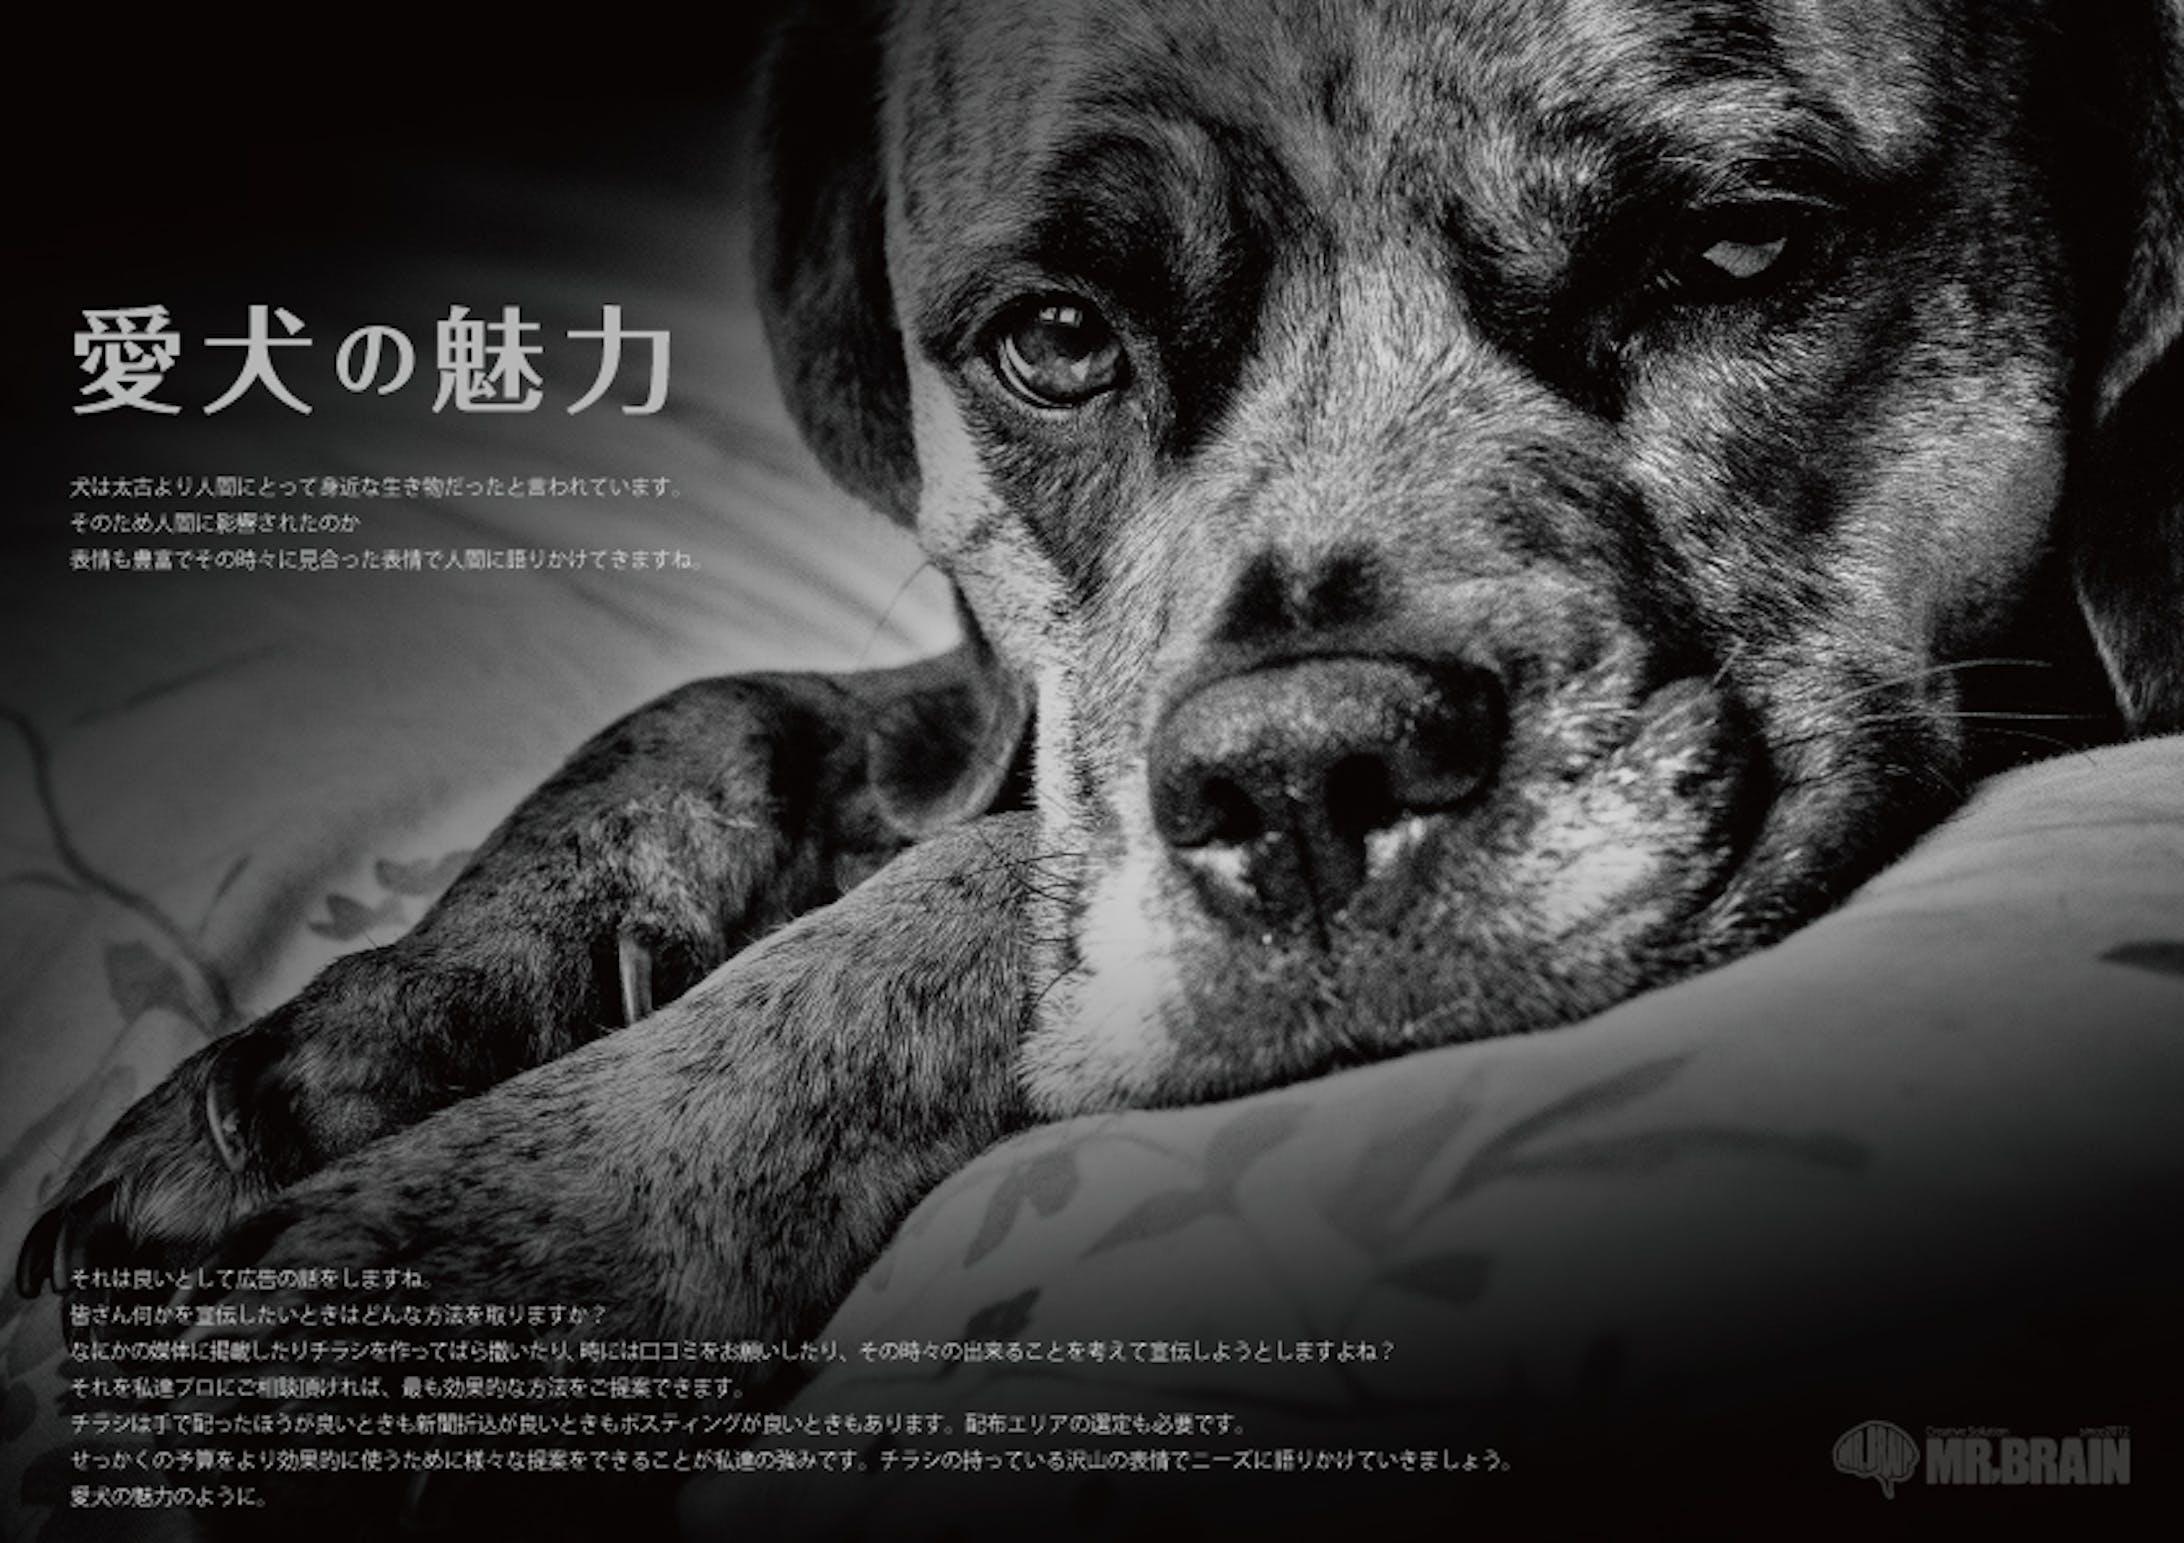 【私はこんな仕事がしたい】愛犬の魅力-1